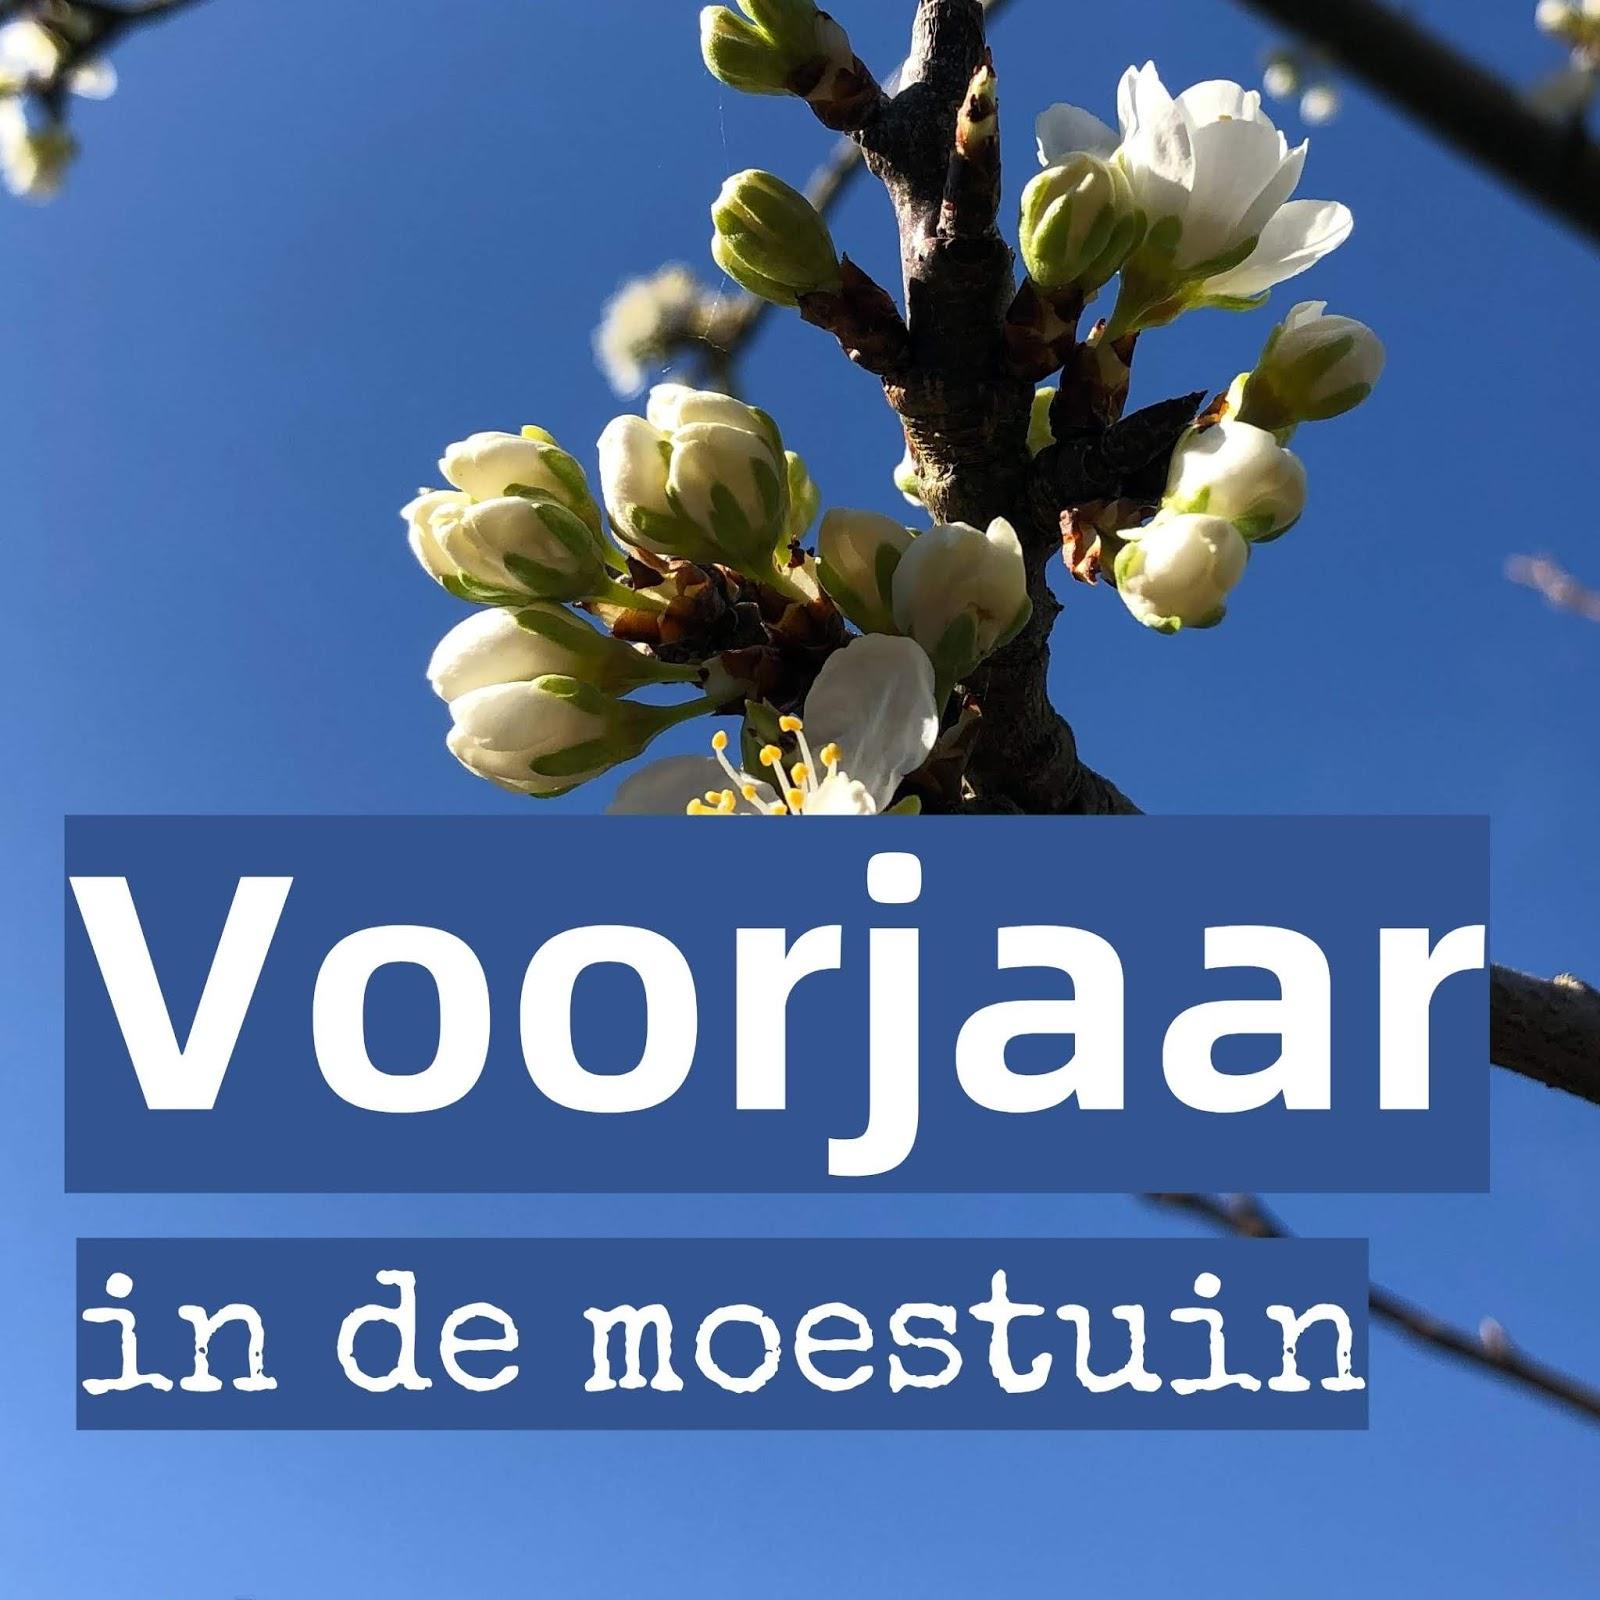 voorjaar lente moestuin volkstuin bloesem